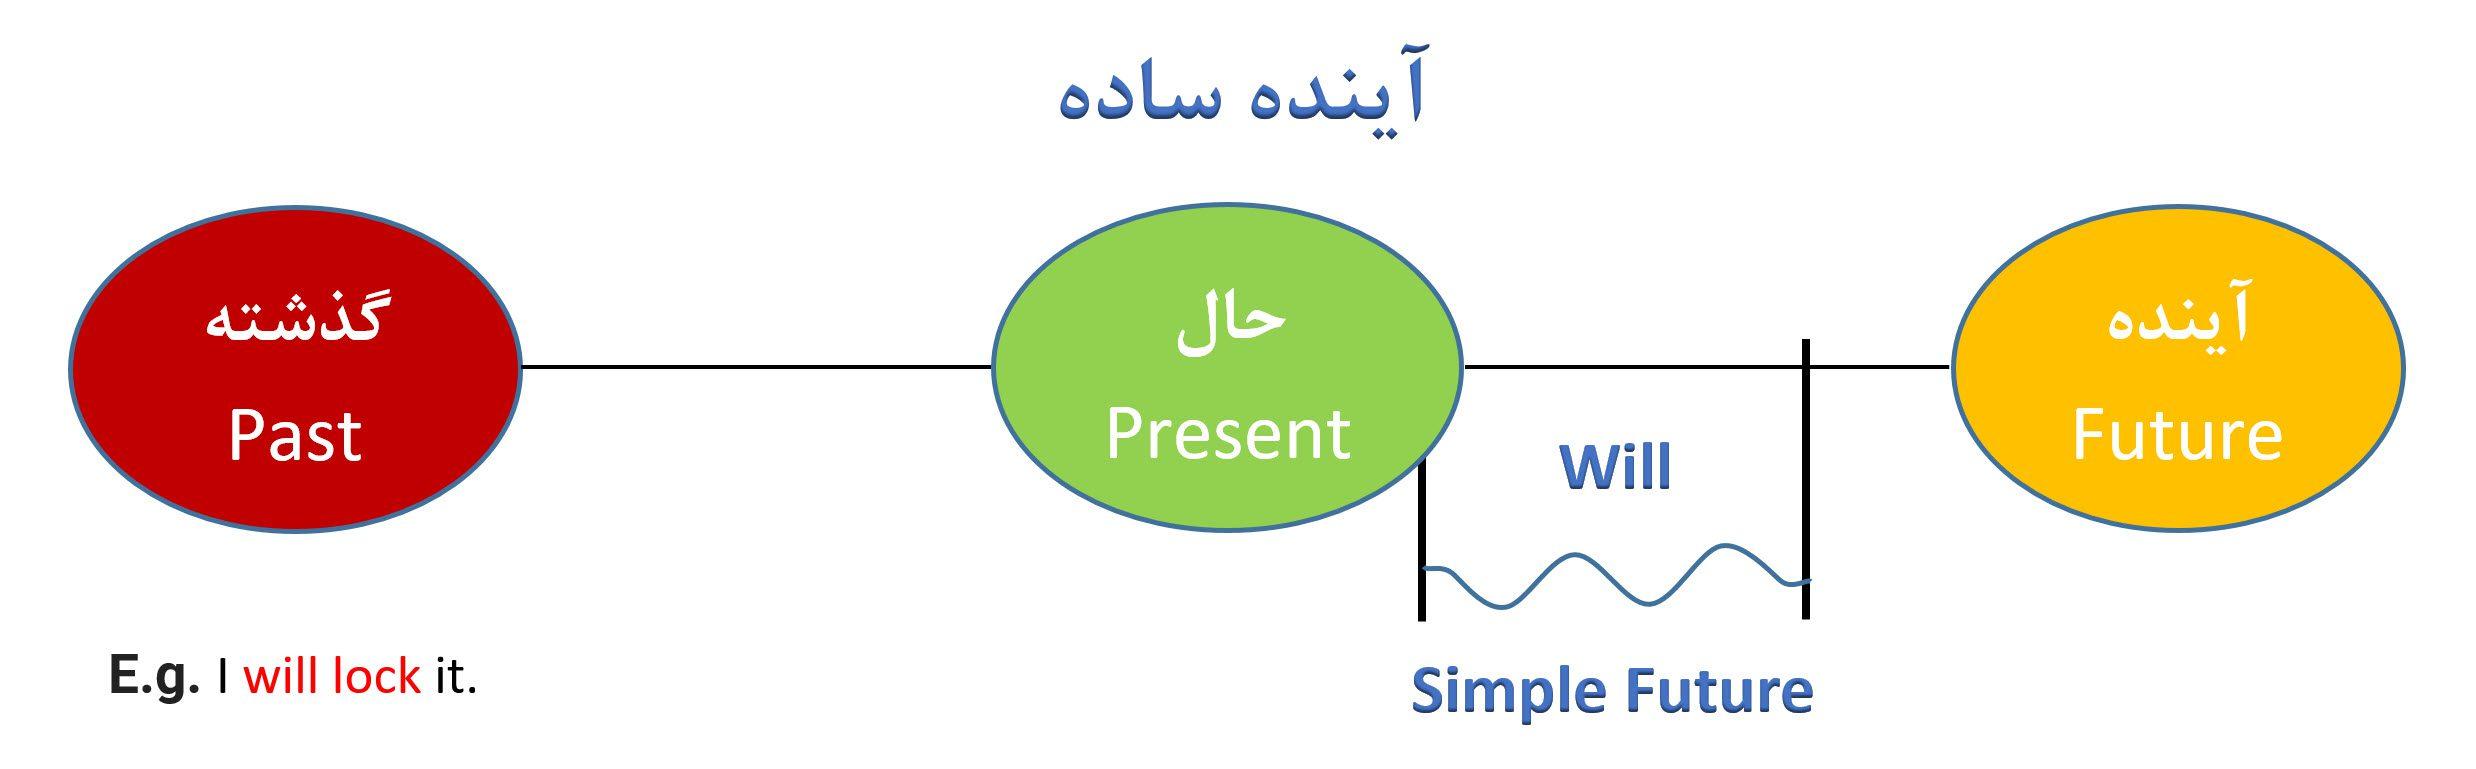 آینده ساده بخش1 - Simple Future - Unit 1 Chart